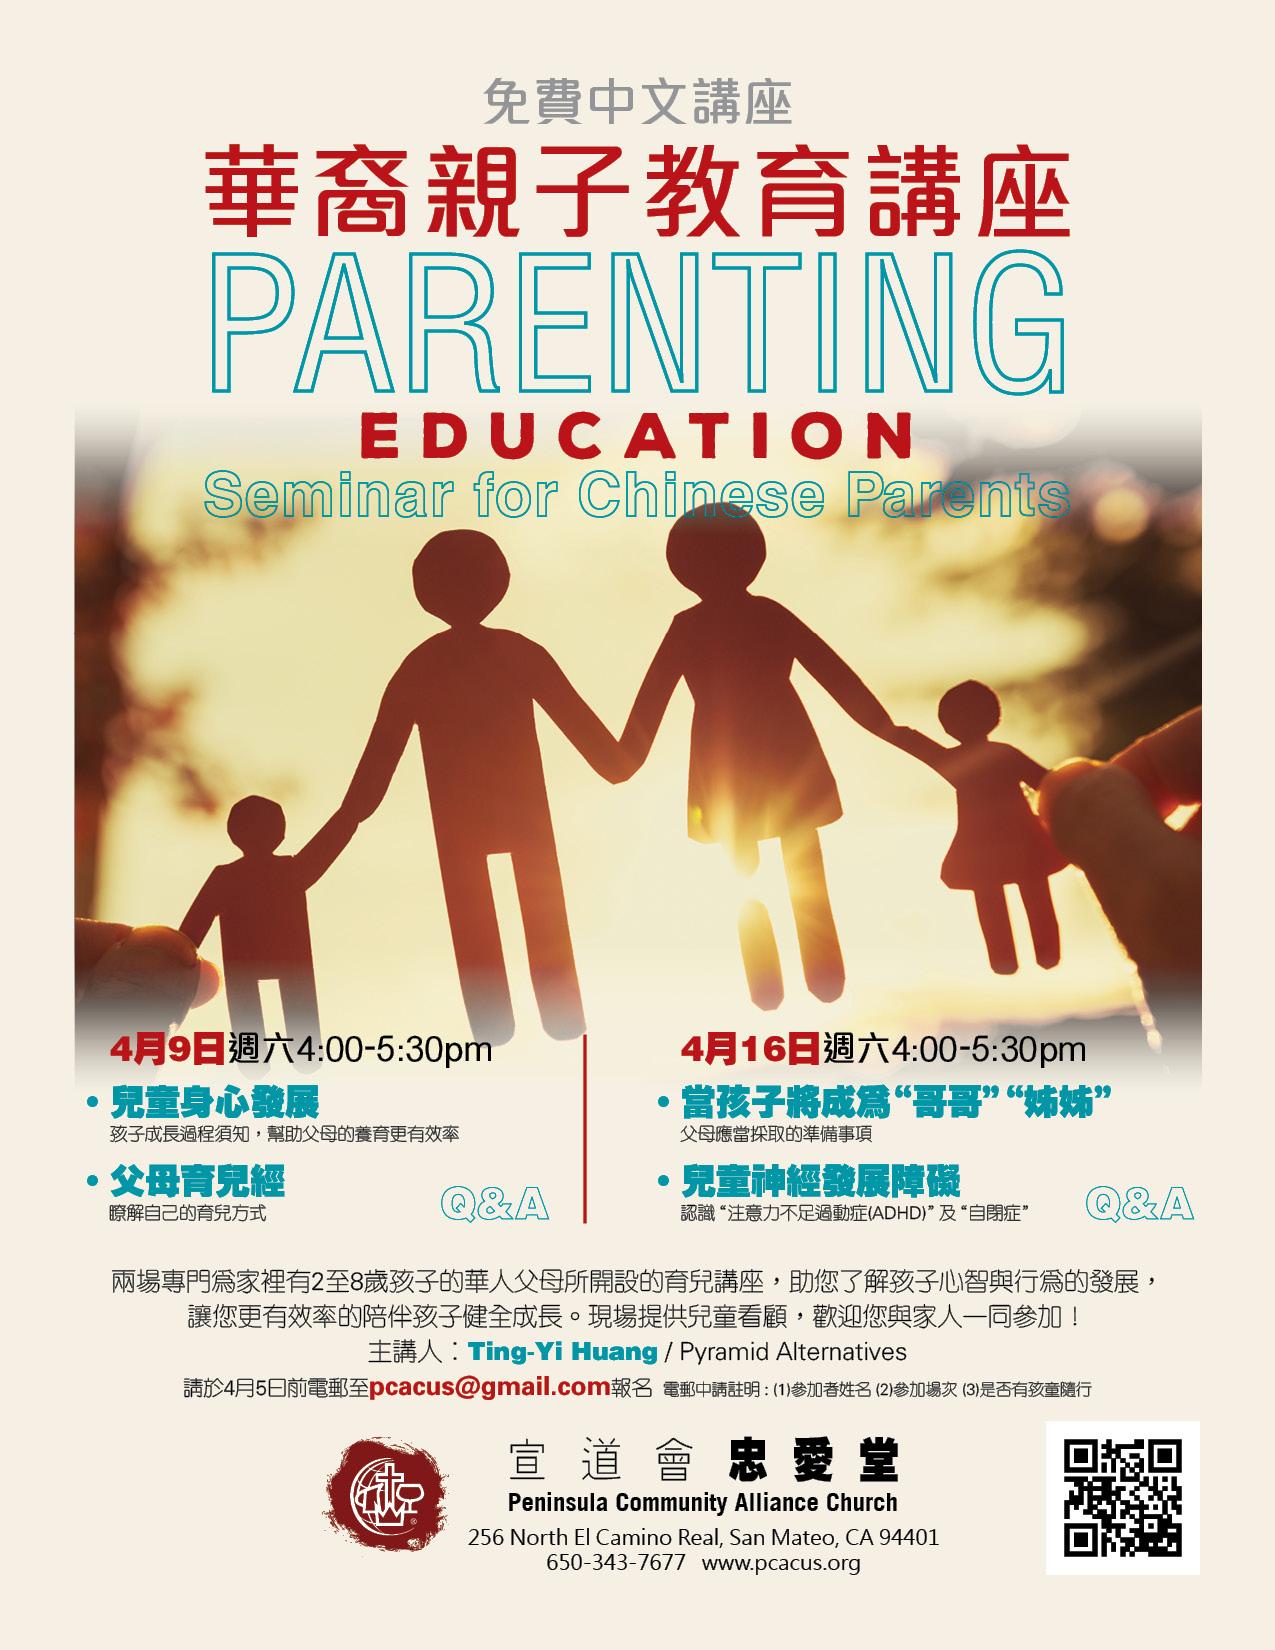 parenting education seminar